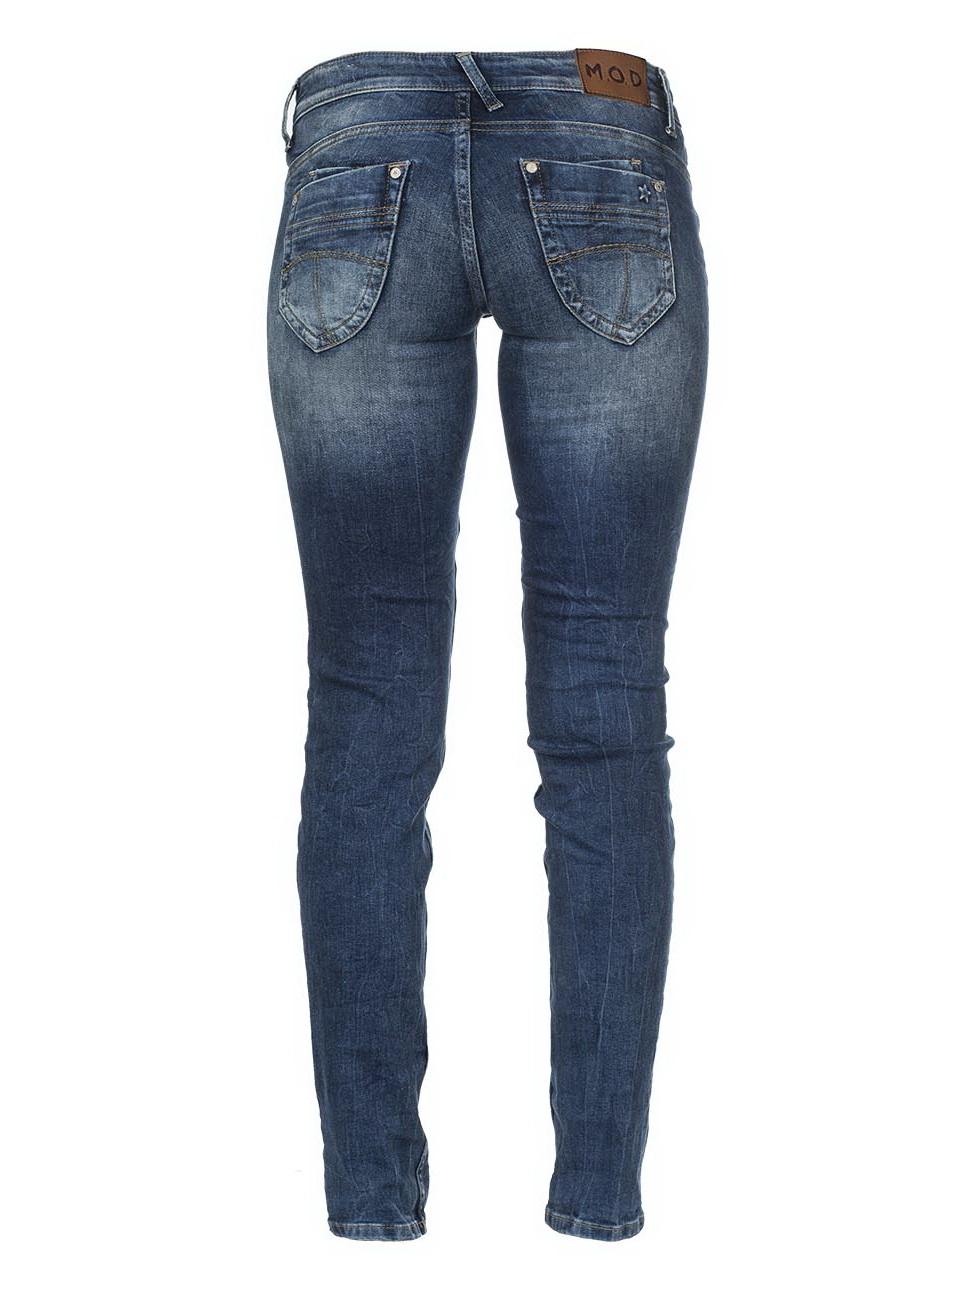 m o d damen jeans alice regular regular fit blau maryland blue kaufen jeans direct de. Black Bedroom Furniture Sets. Home Design Ideas